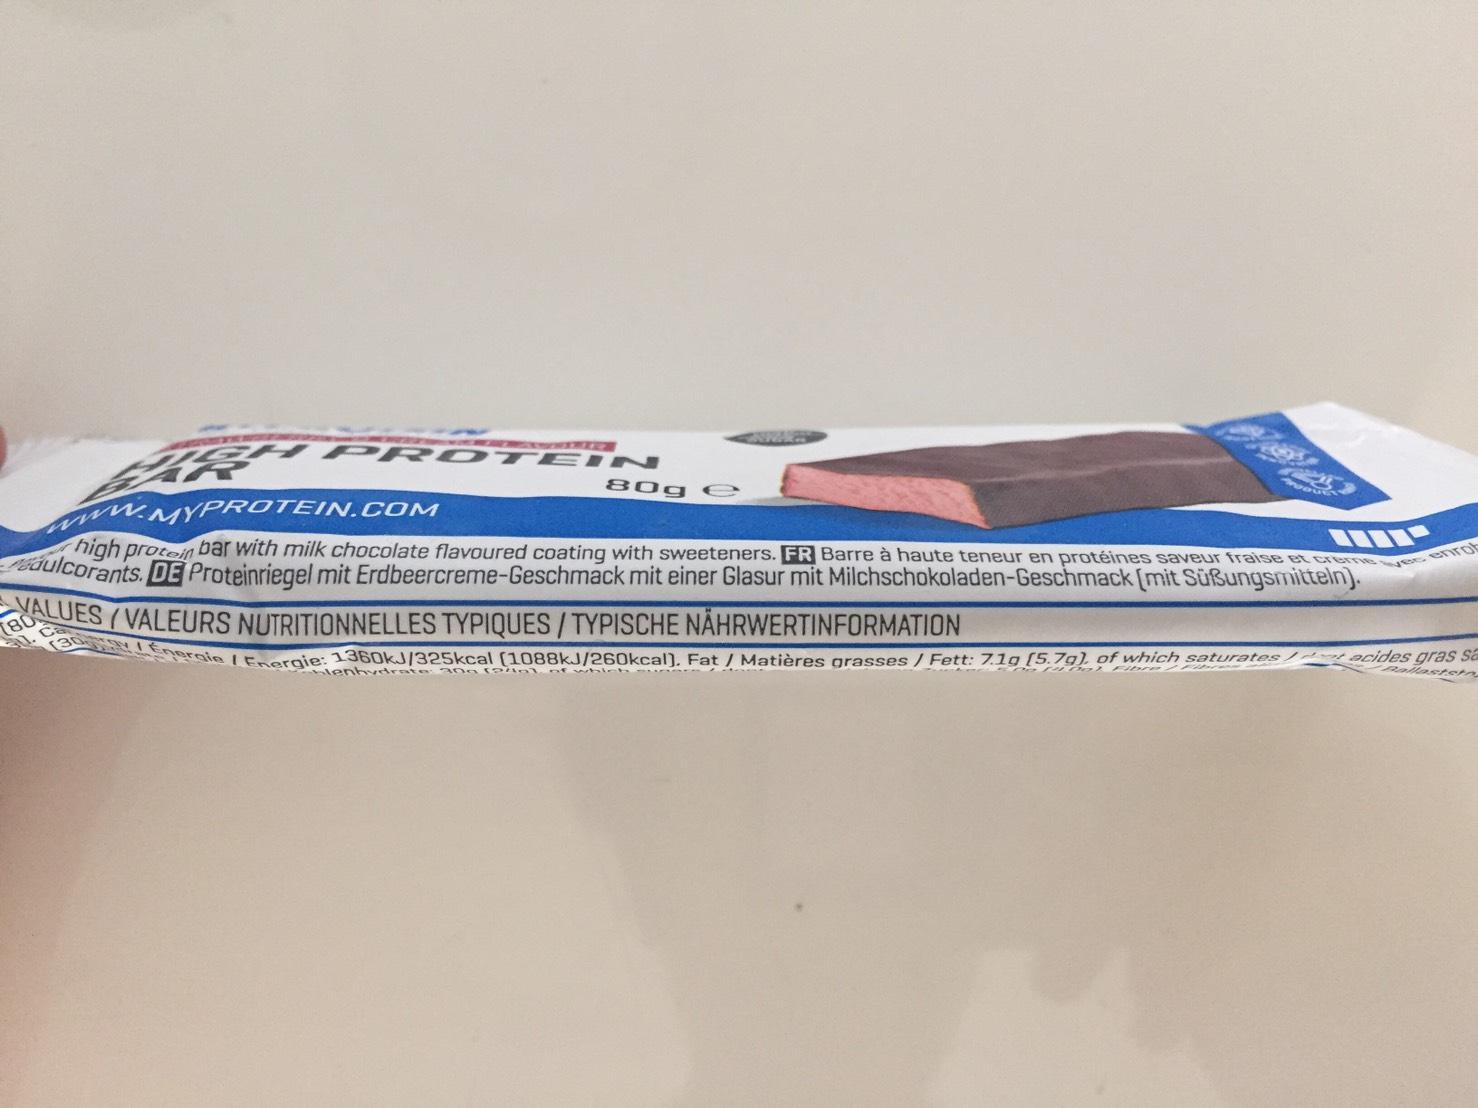 高タンパク質バー(High Protein Bar)「STRAWBERRY&CREAM FLAVOUR(ストロベリー&クリーム味)」のパッケージ